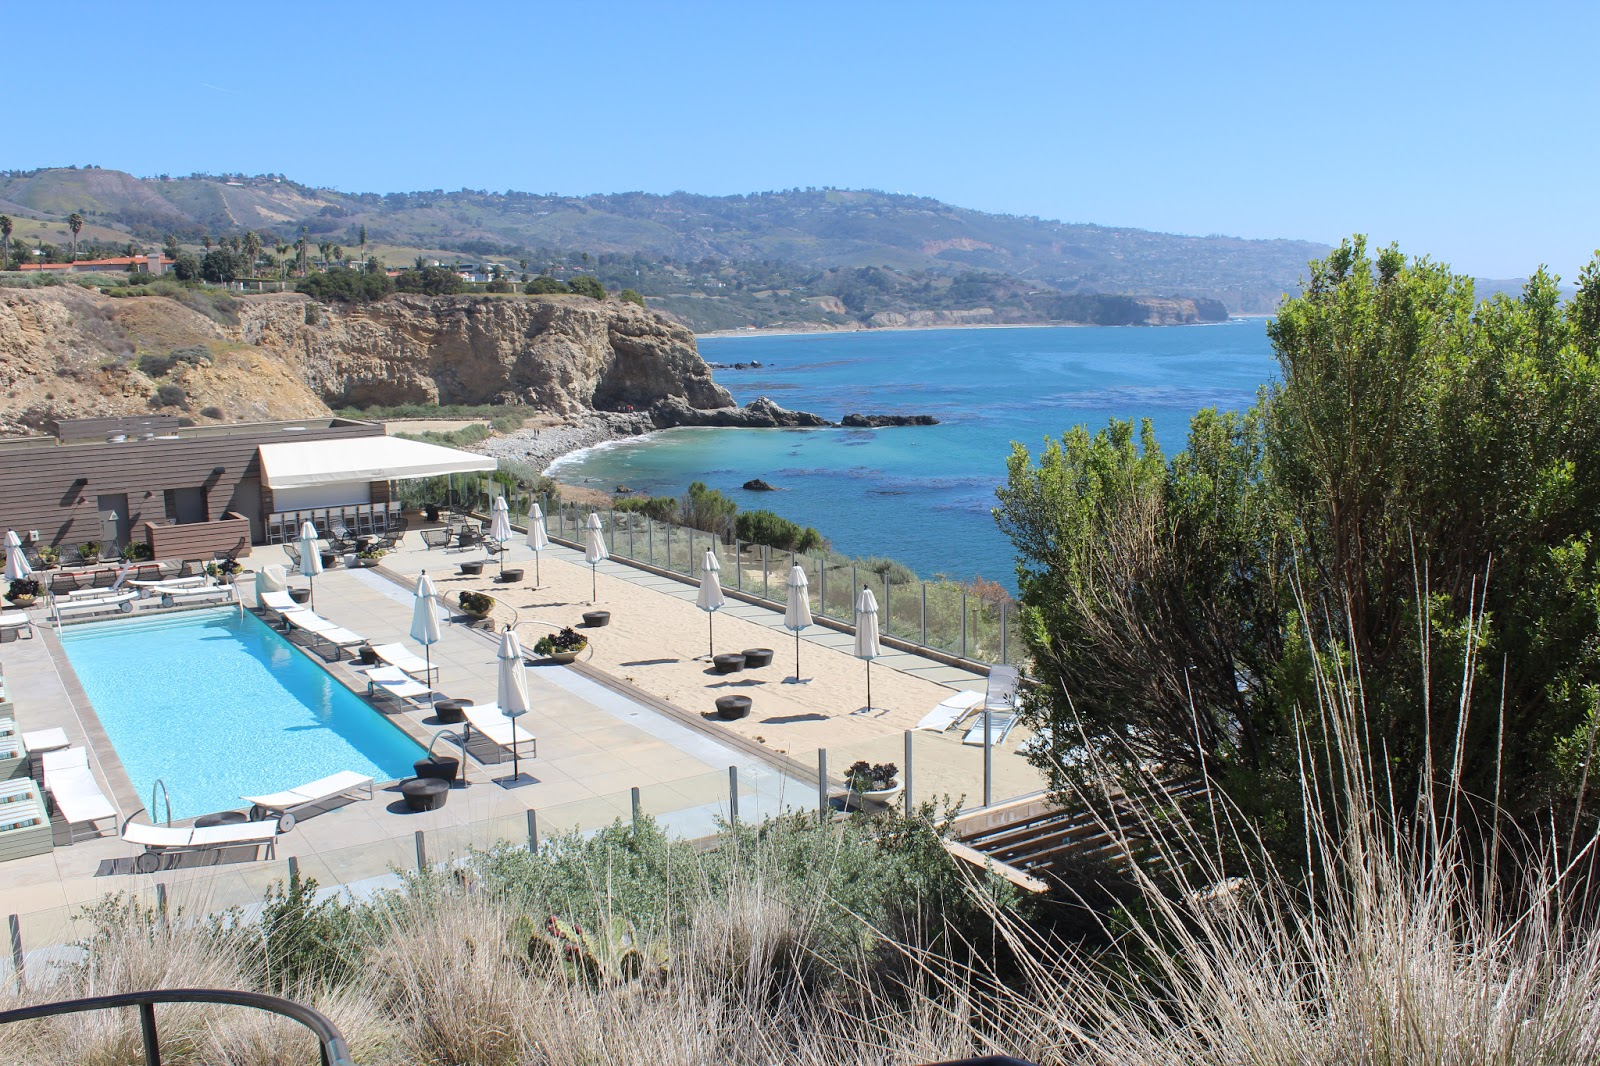 Terranea Resort - Two Toned - She Said He Said